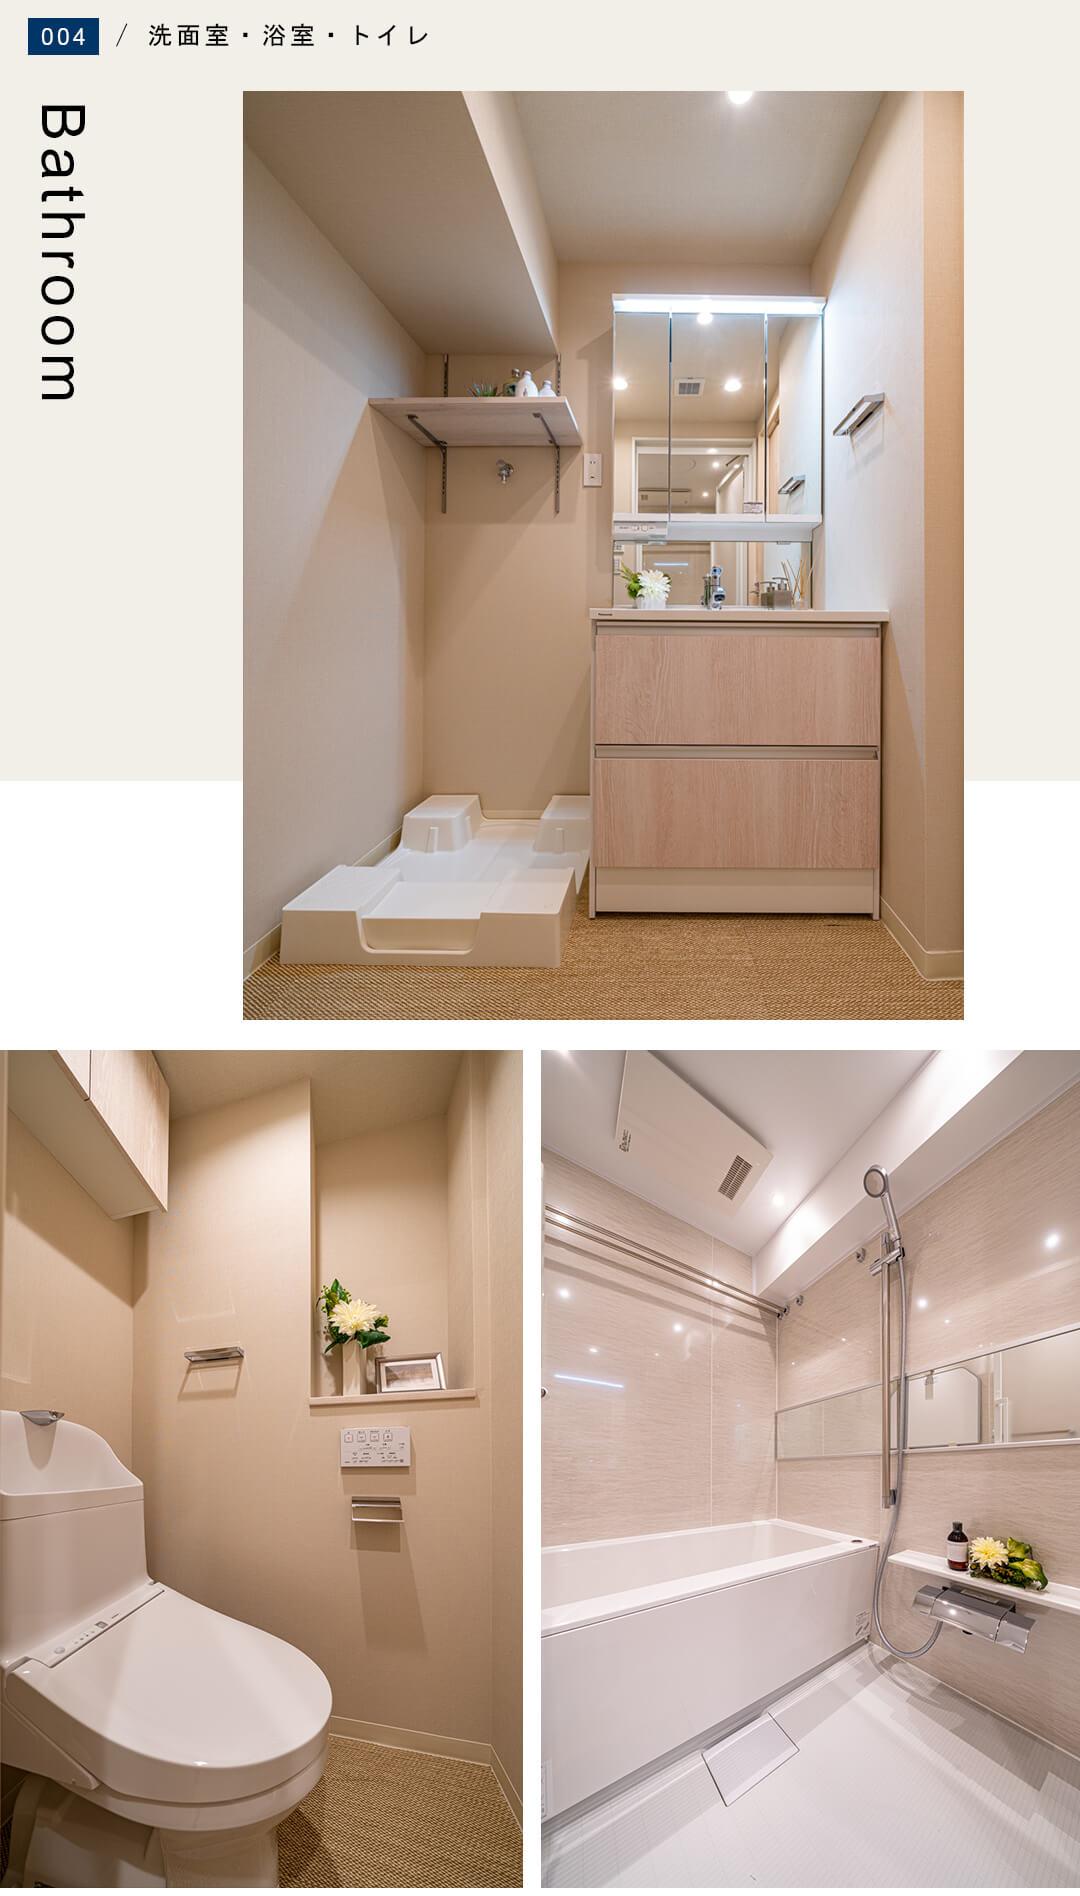 セブンスターマンション東山の洗面室と浴室とトイレ